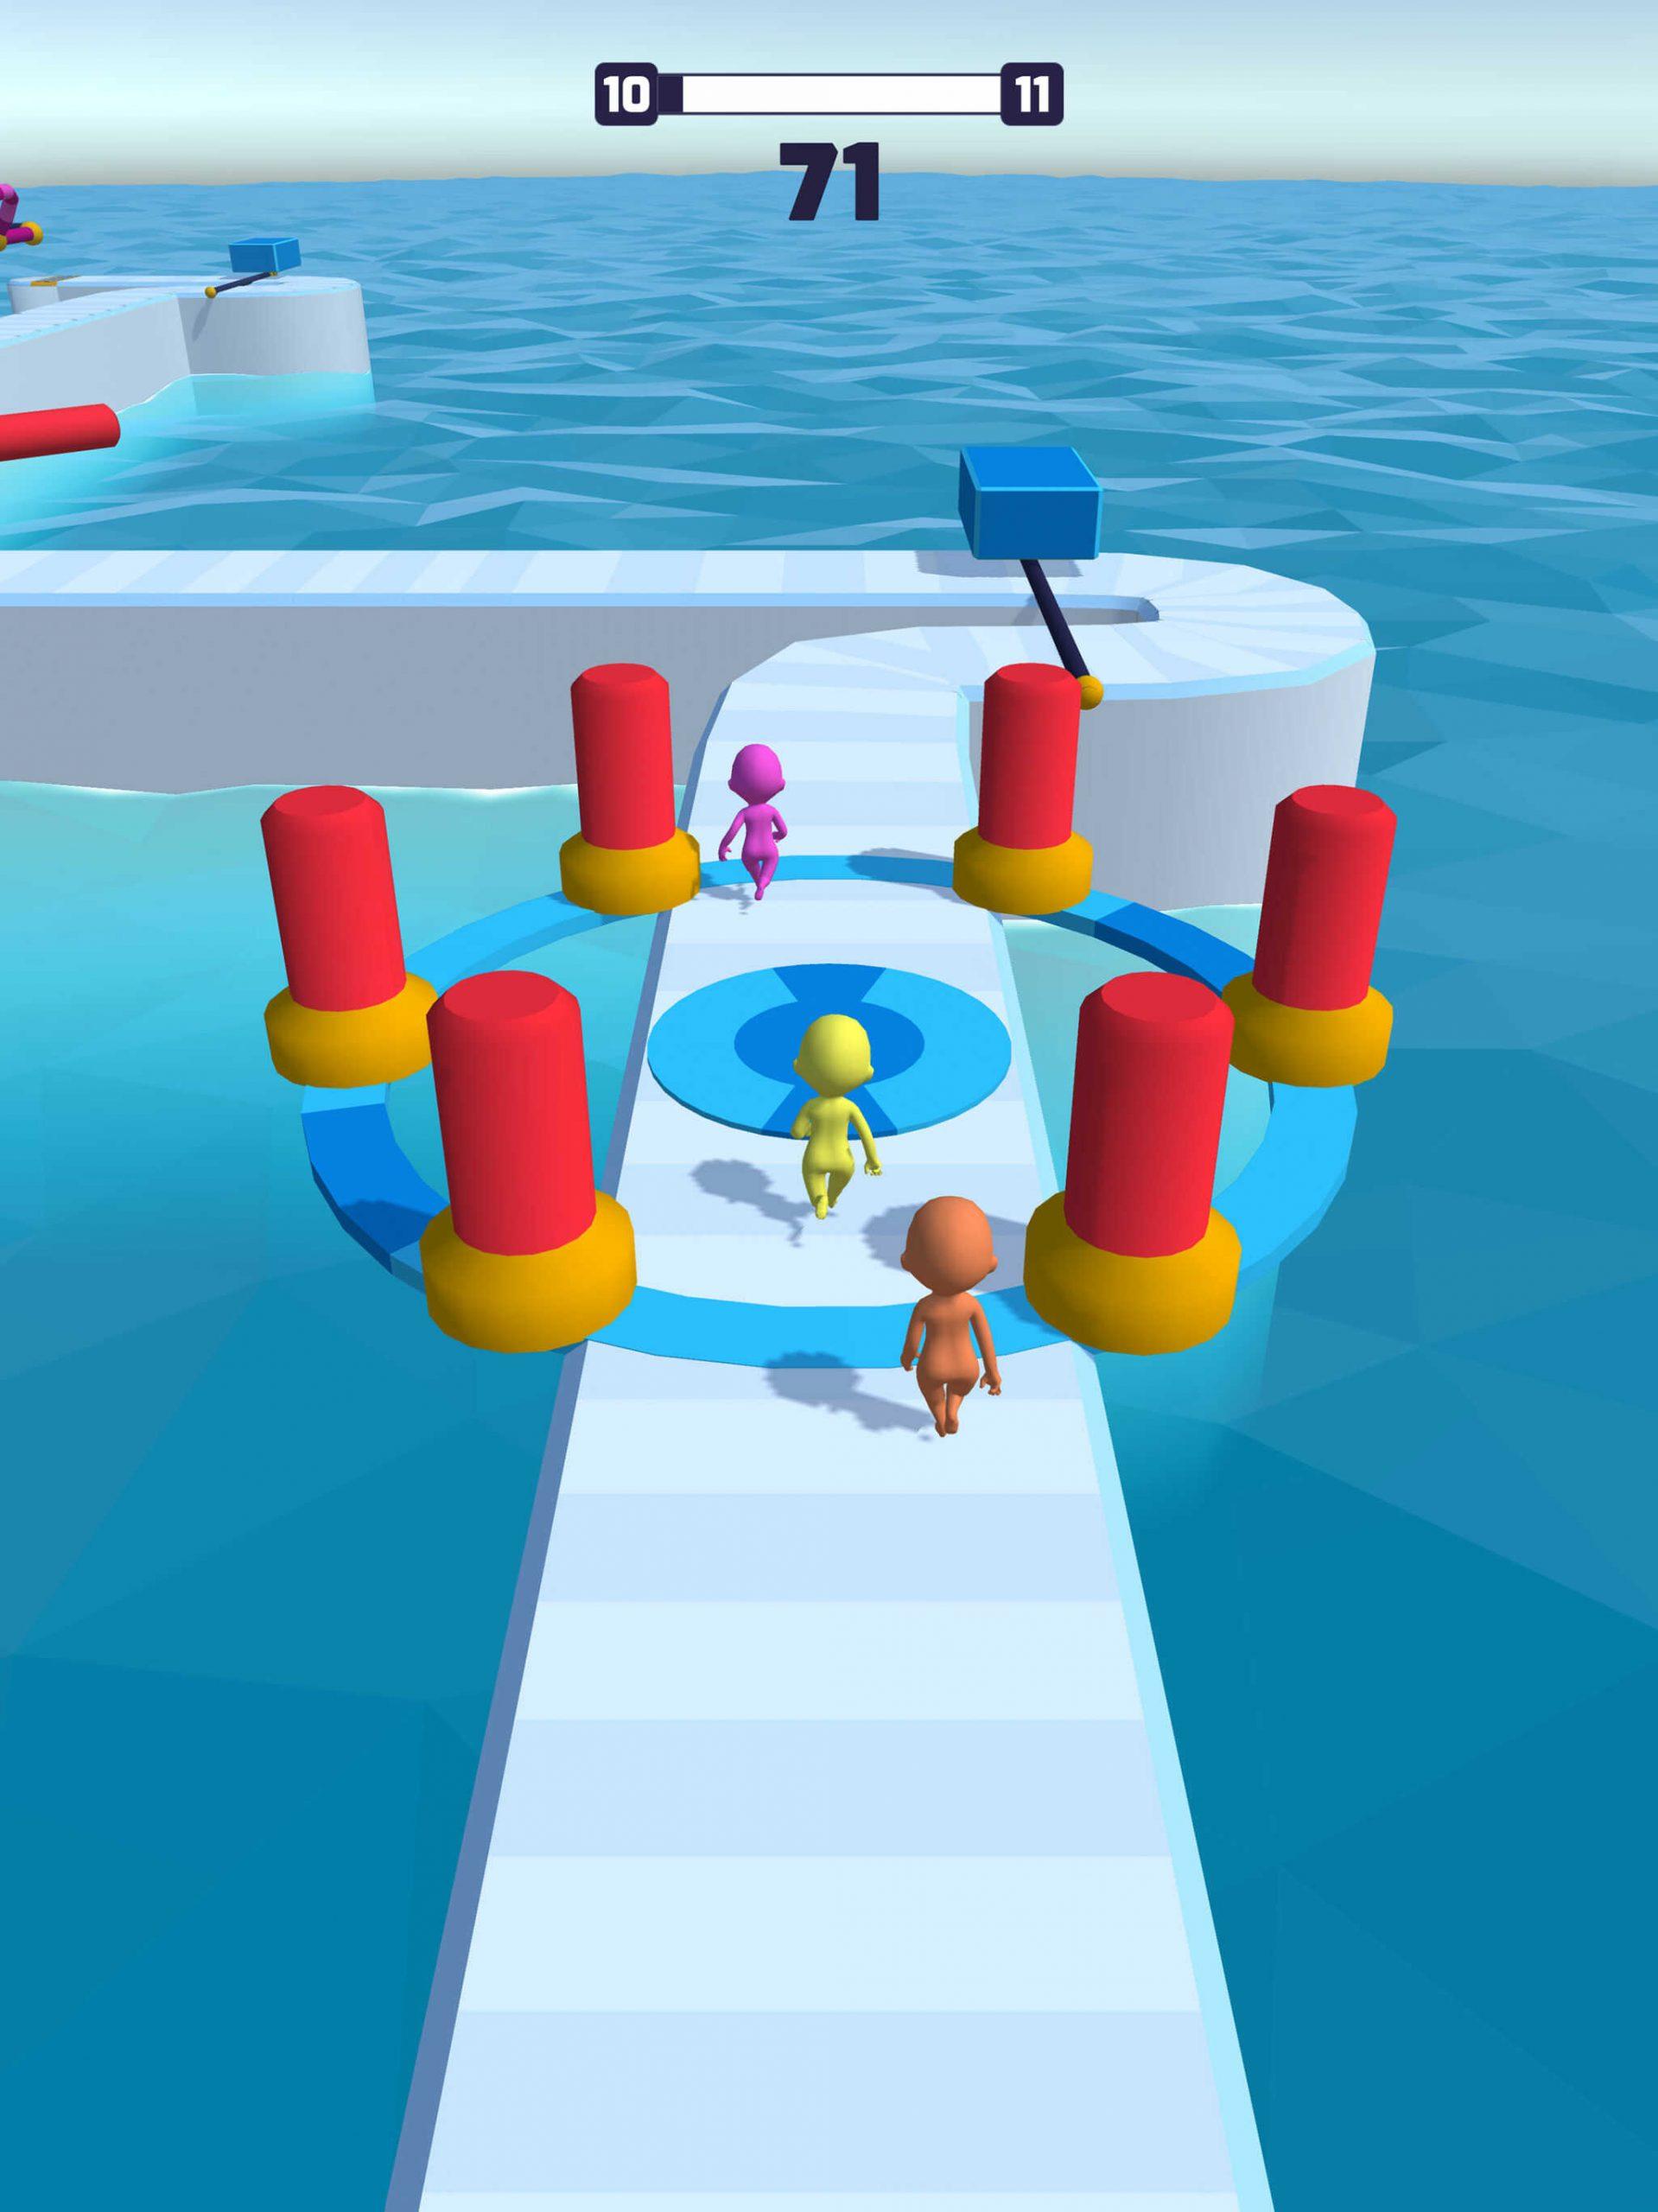 Fun Race 3Dとは